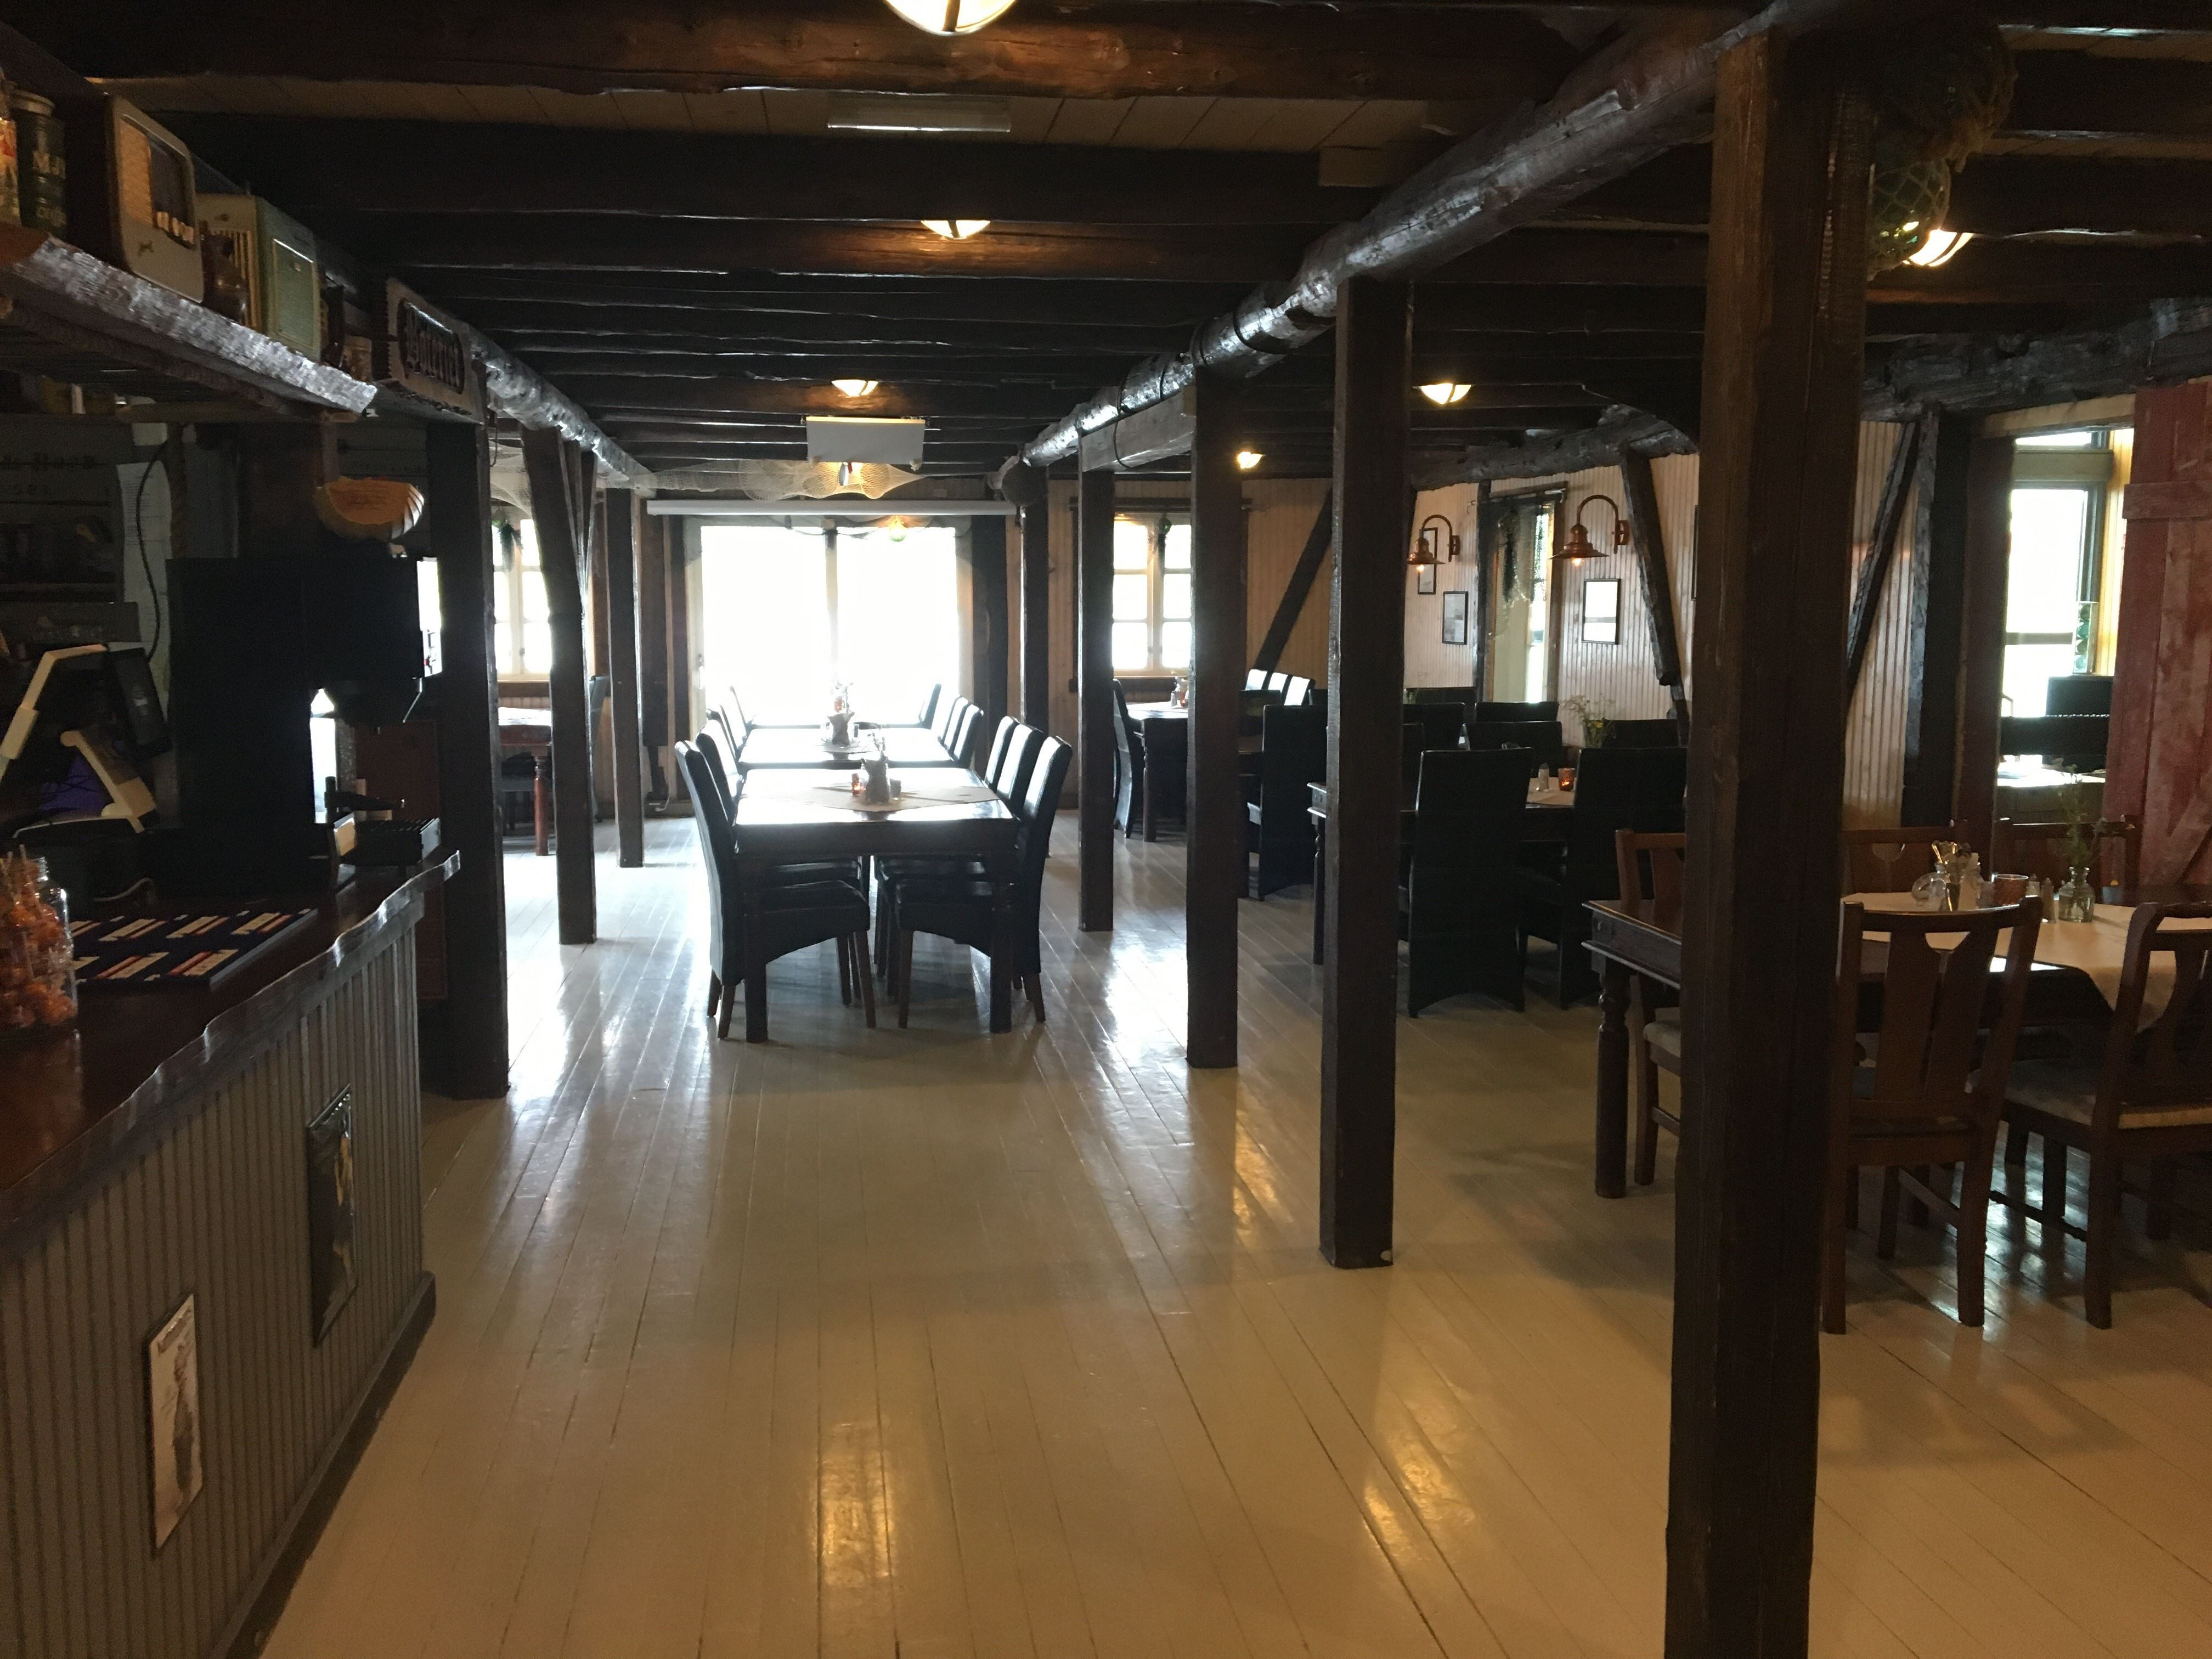 Bøteriet restaurant på Dønna